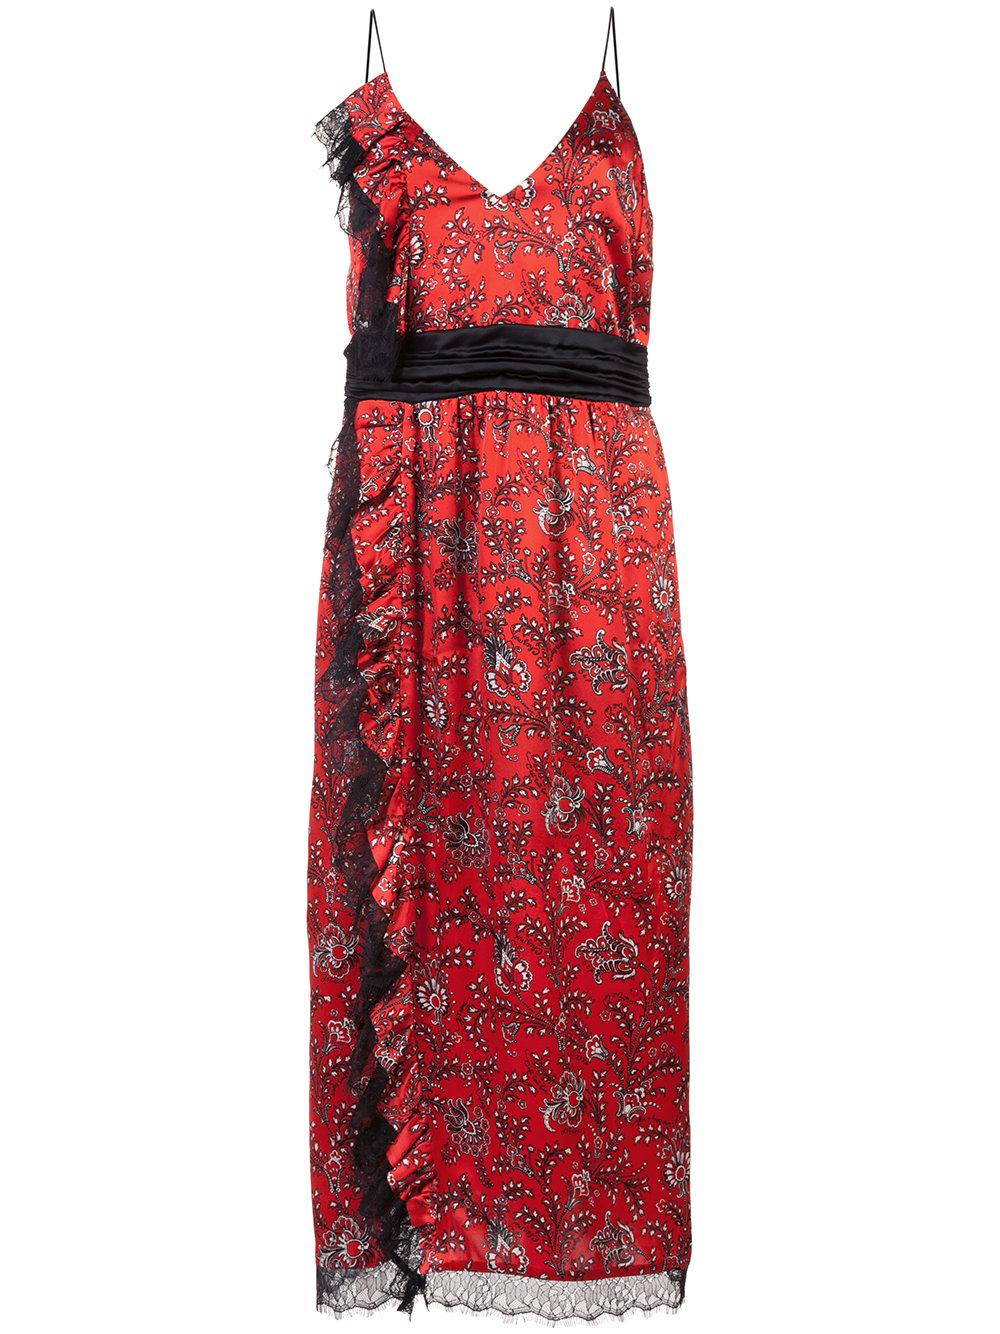 CINQ A SEPT ruffle dress - $525